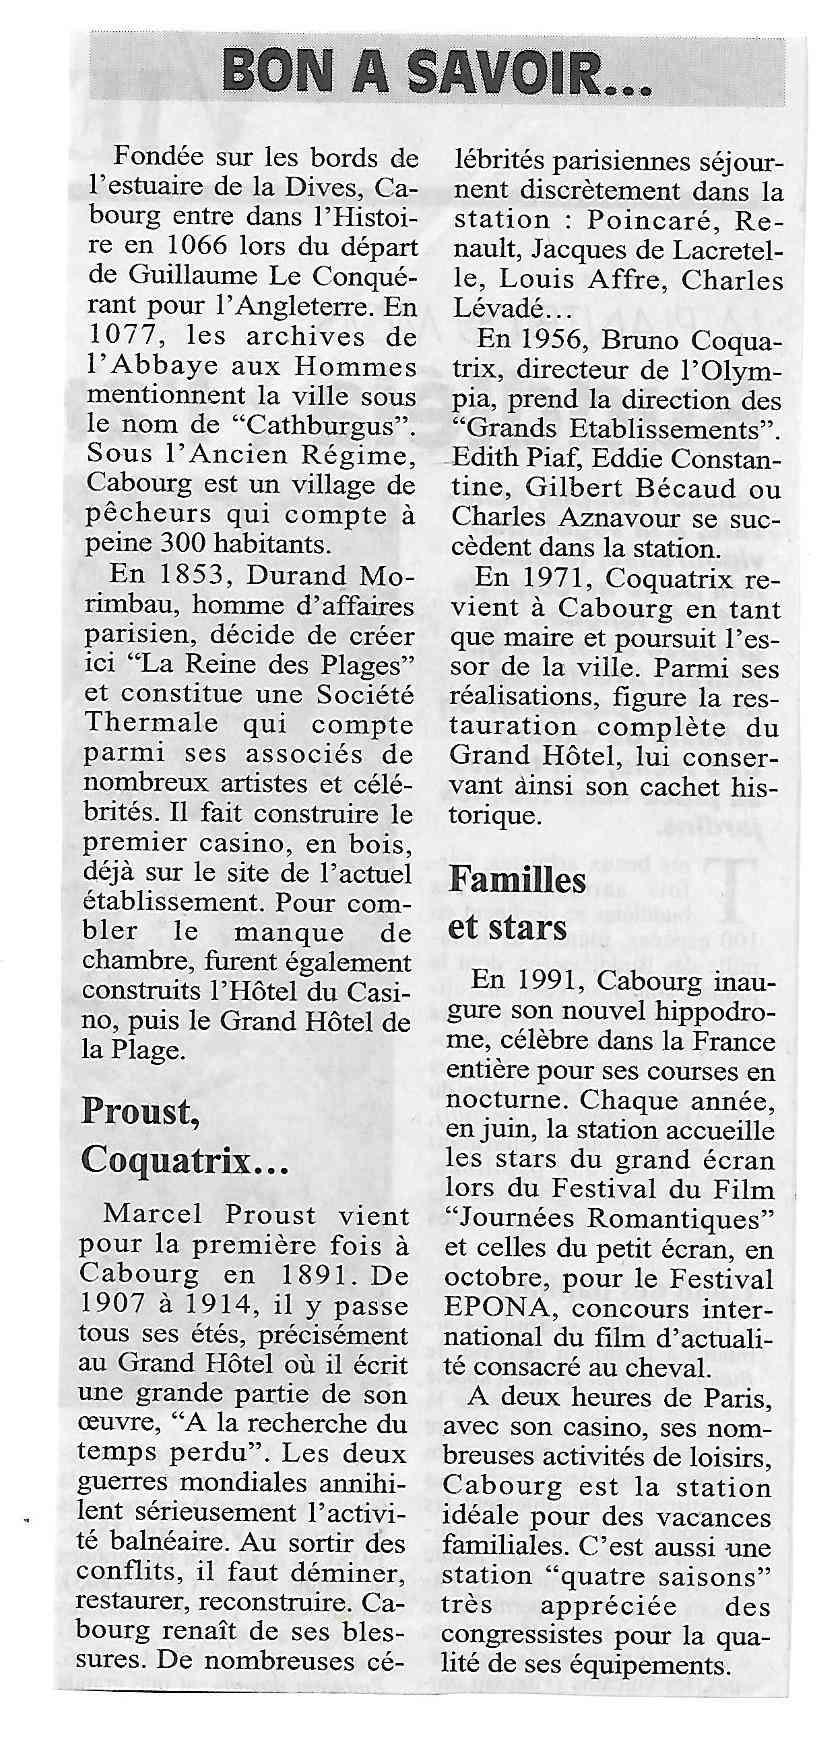 Histoire des communes - Cabourg 1125